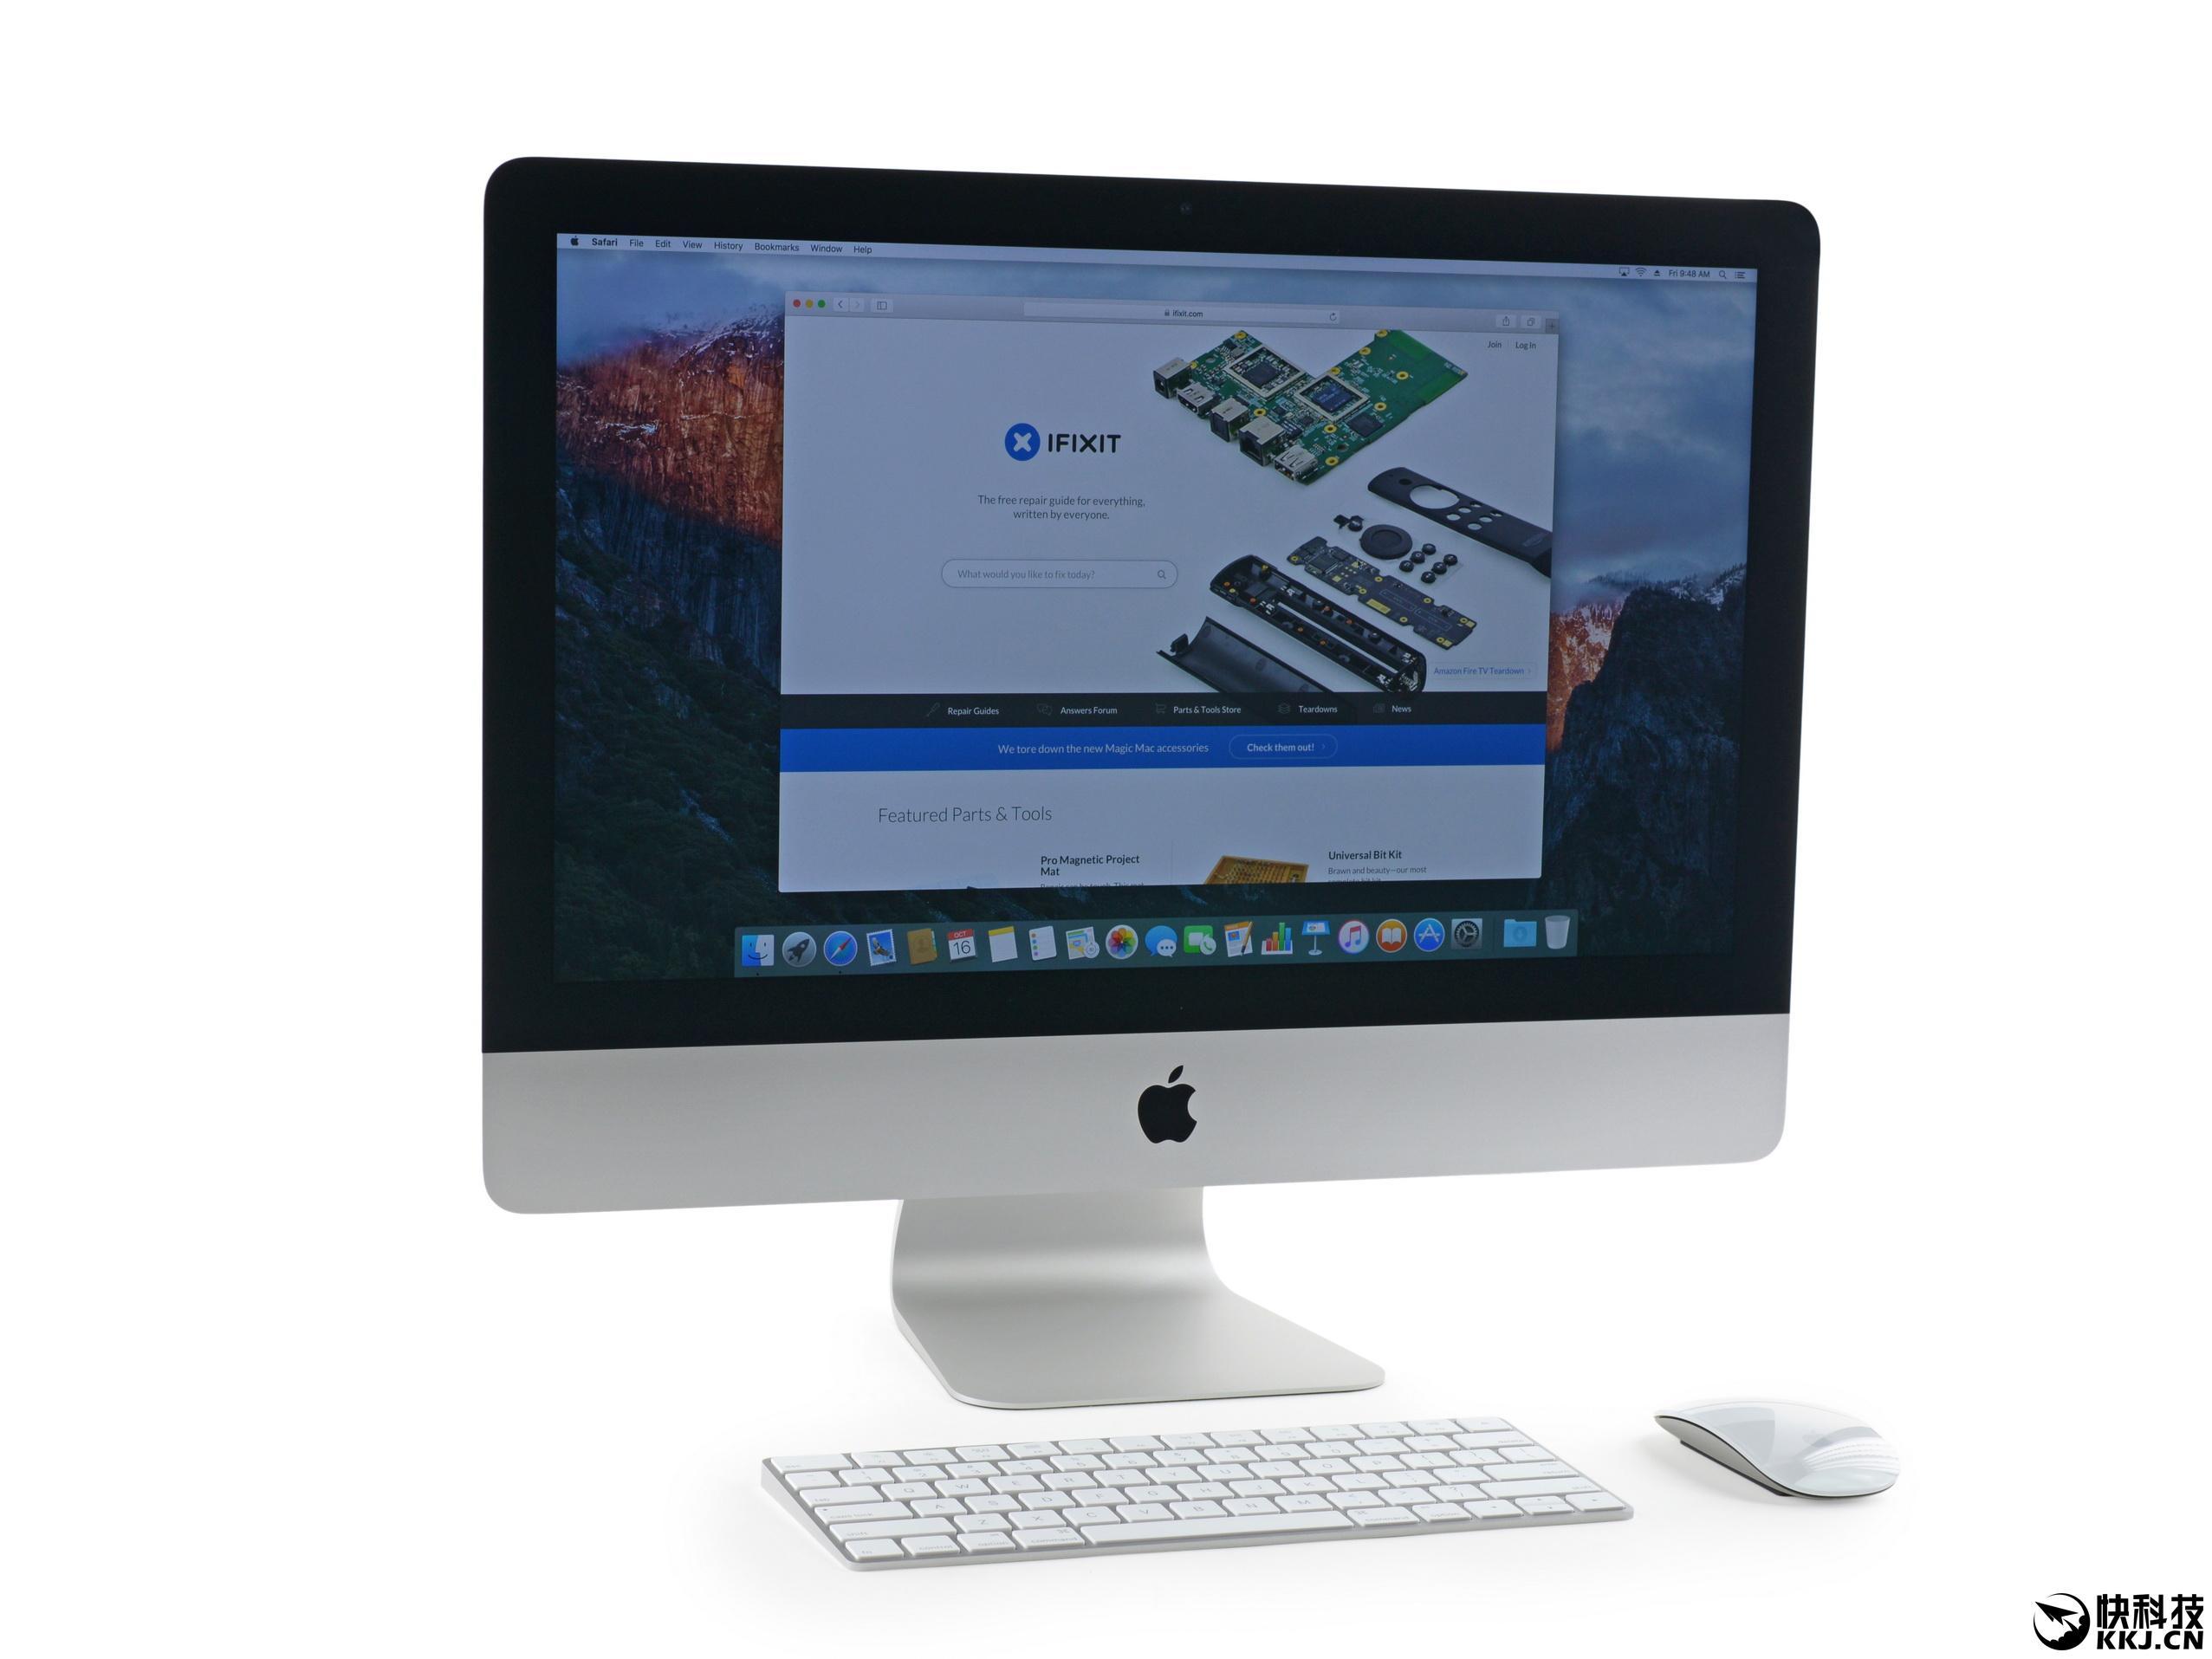 imac4k拆机图解 显示屏与玻璃合为一体